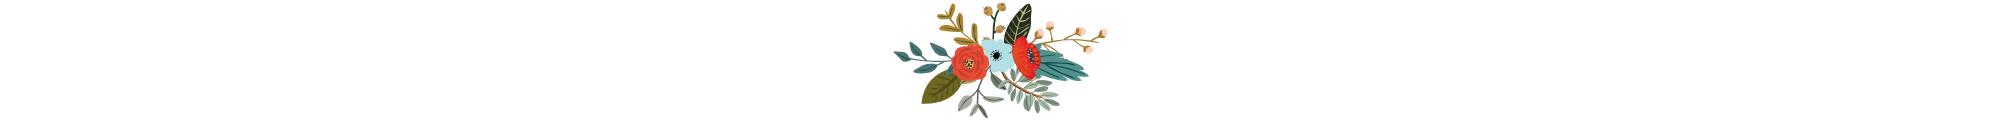 jillpulver.flower.banner